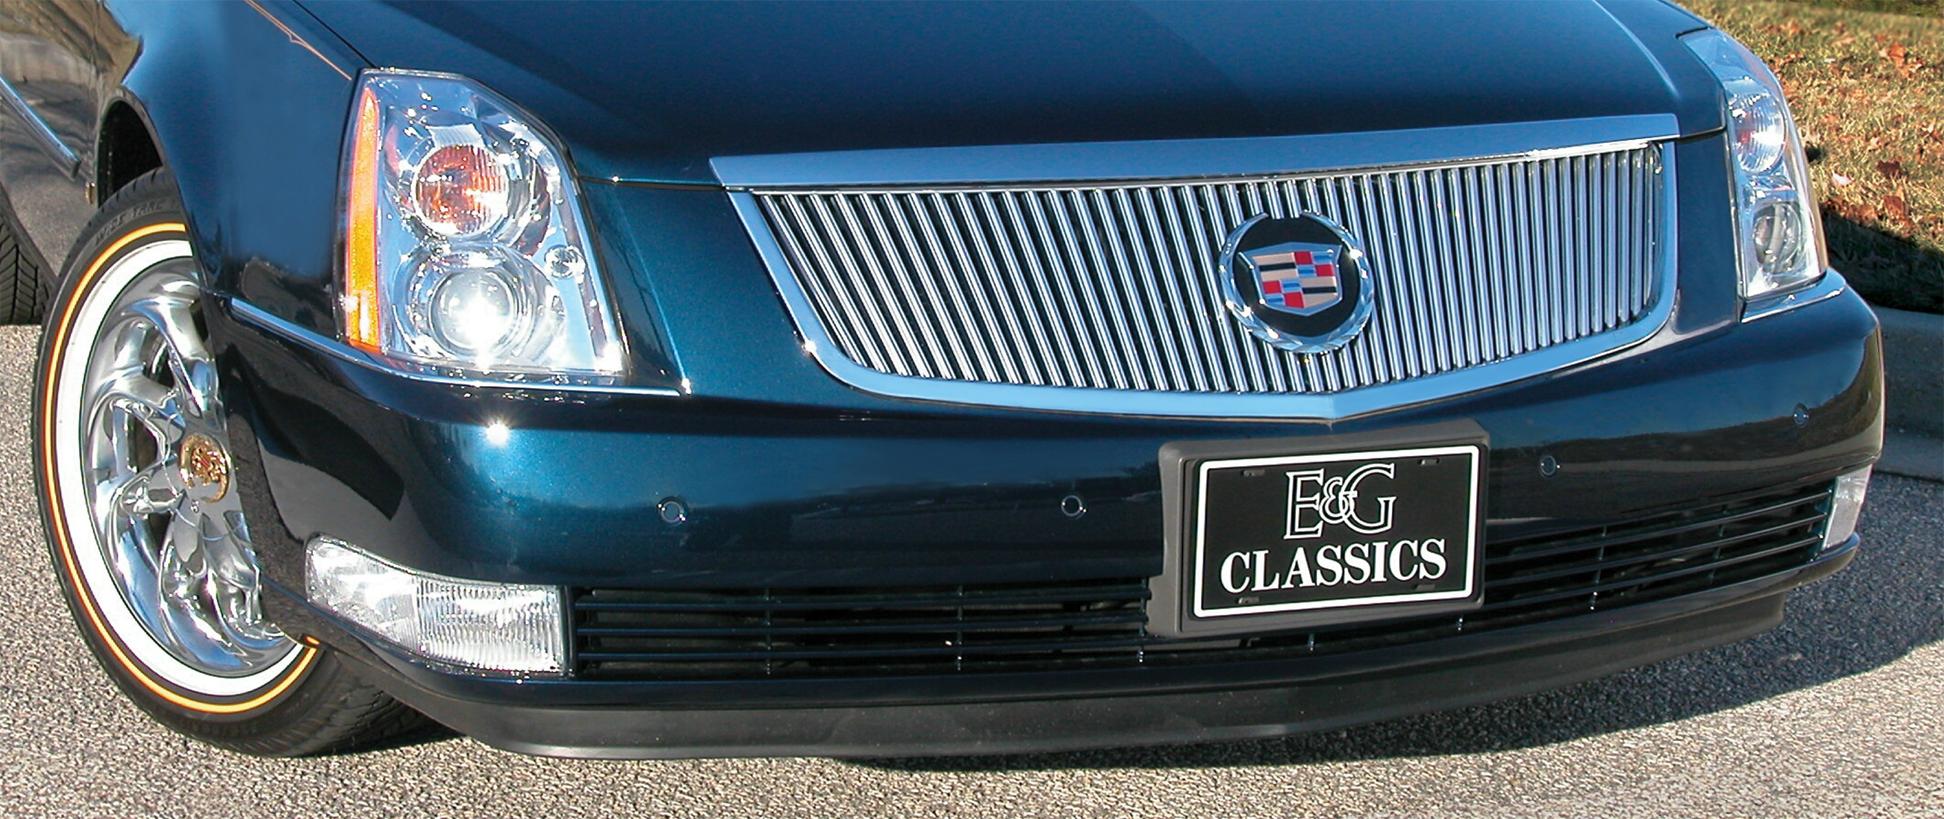 Cadillac DTS 2008 foto - 1